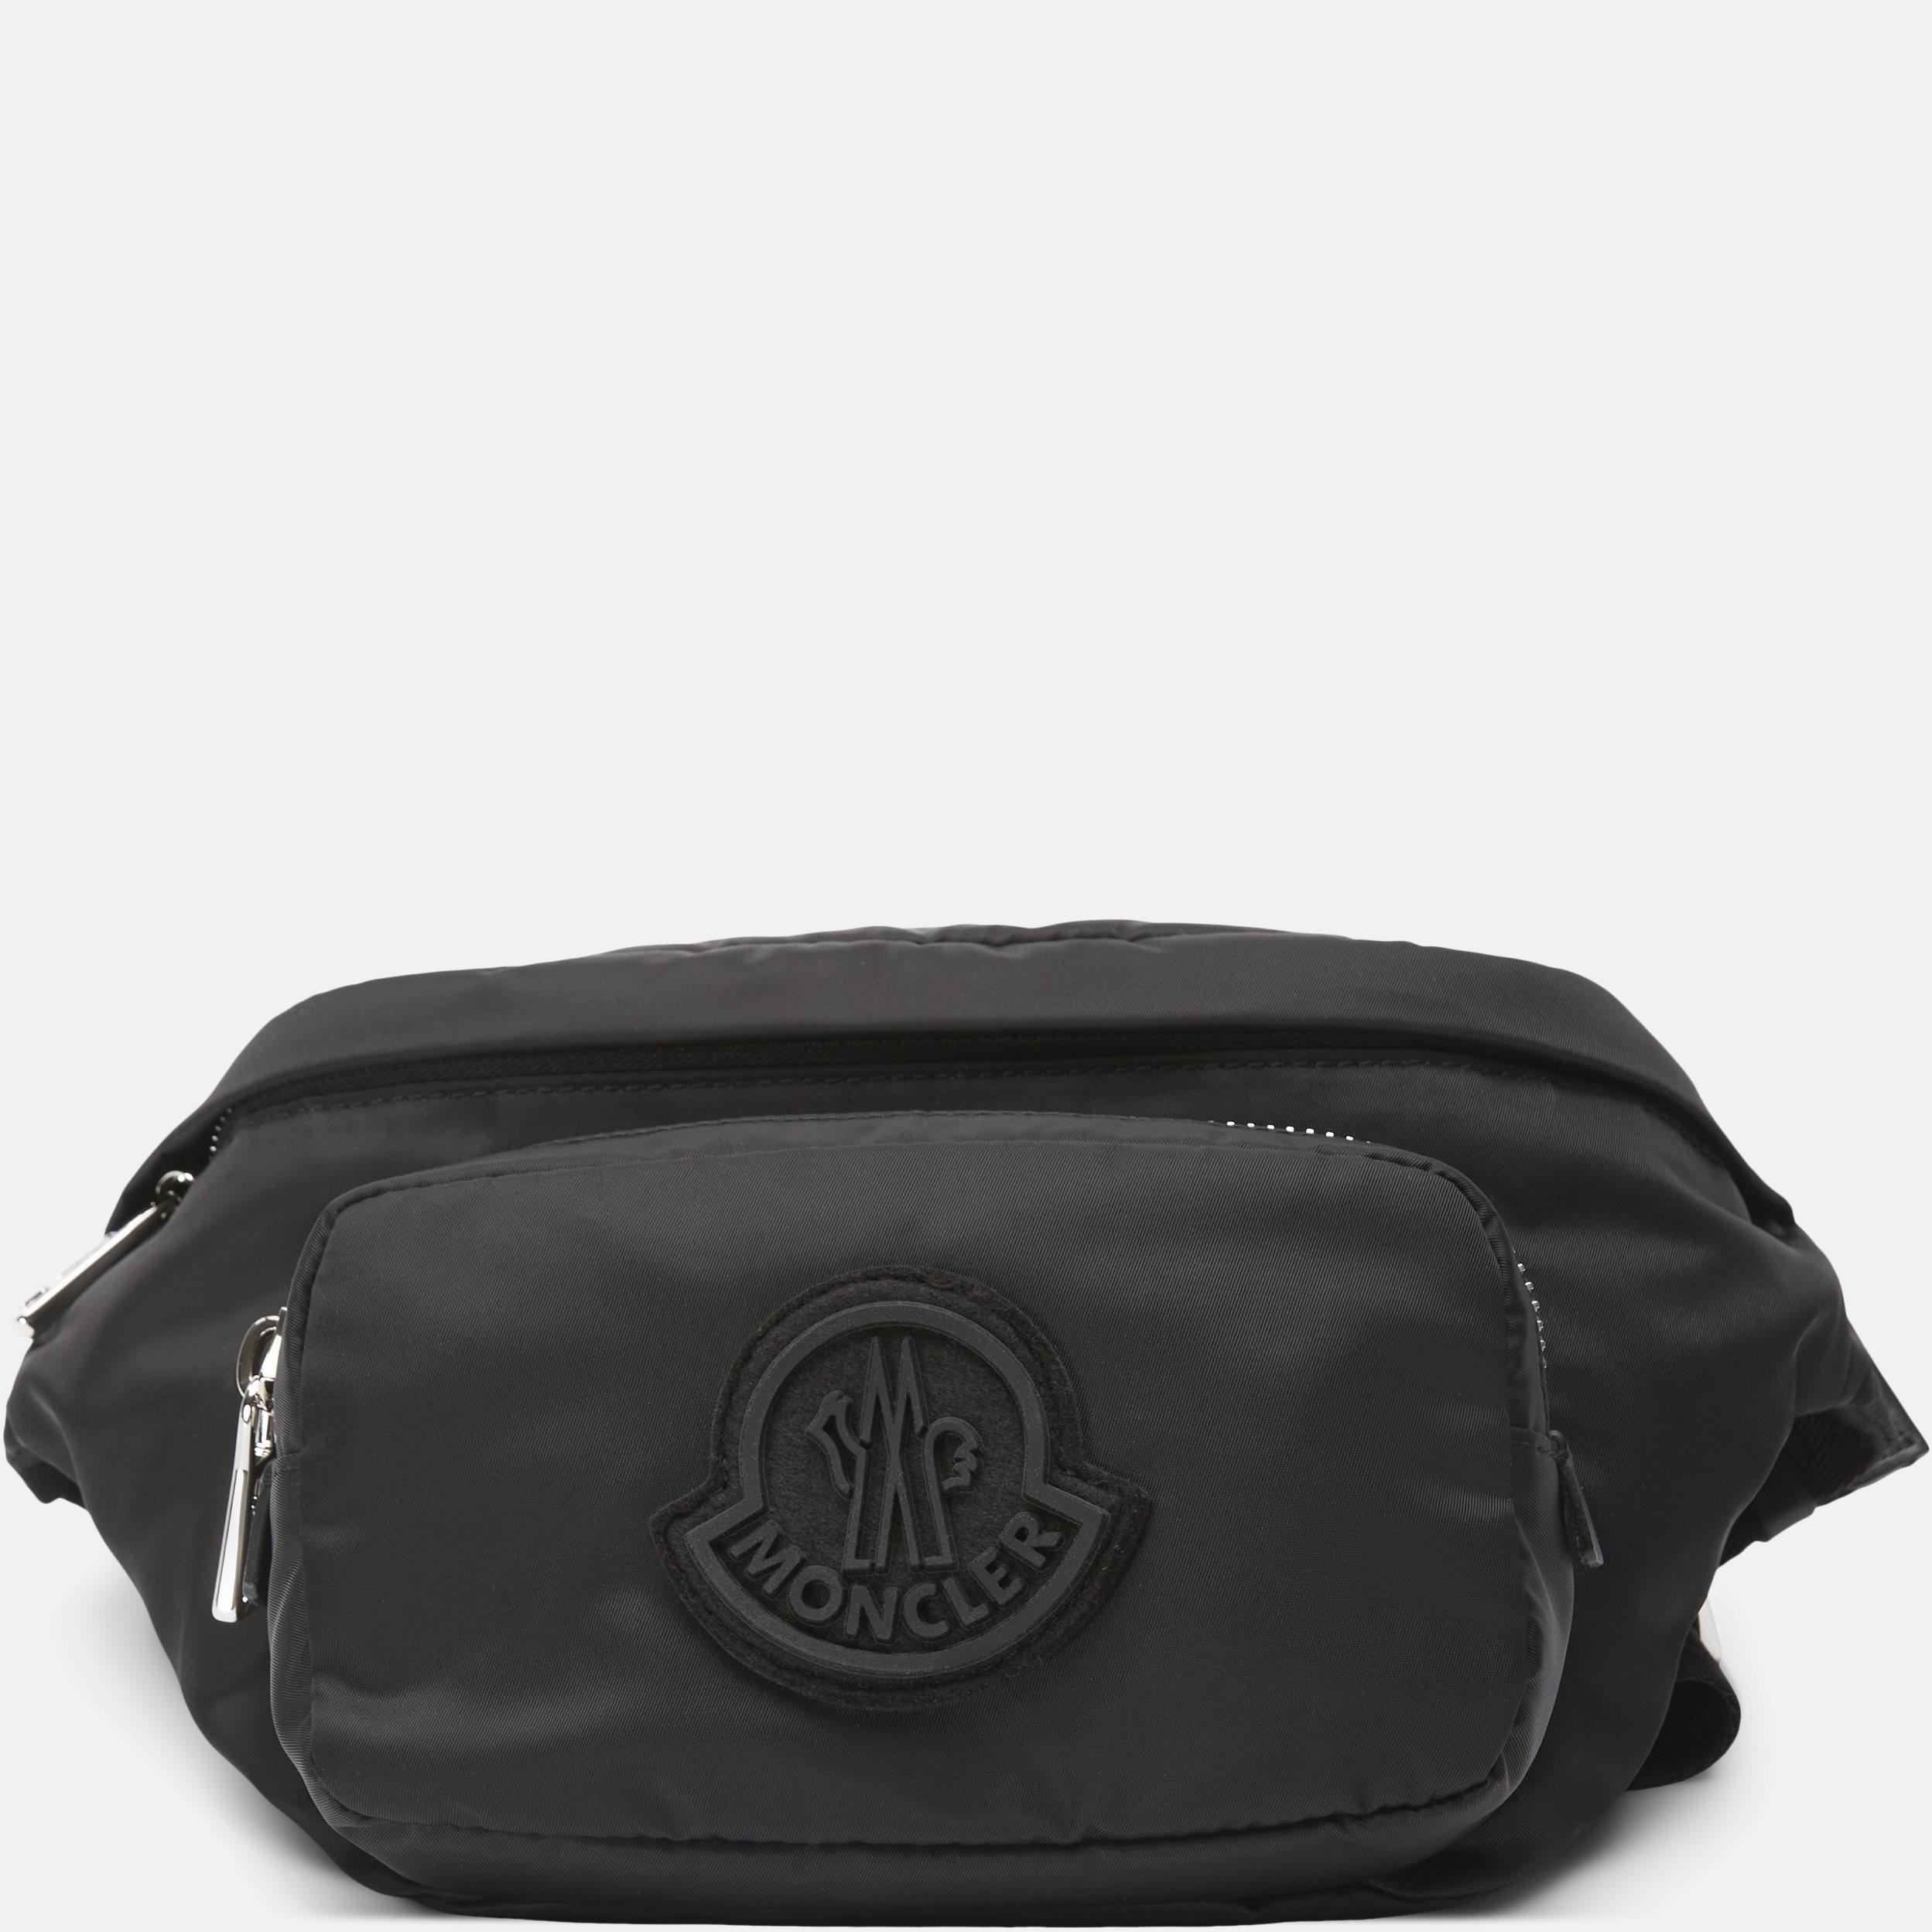 Bæltetaske  - Tasker - Sort